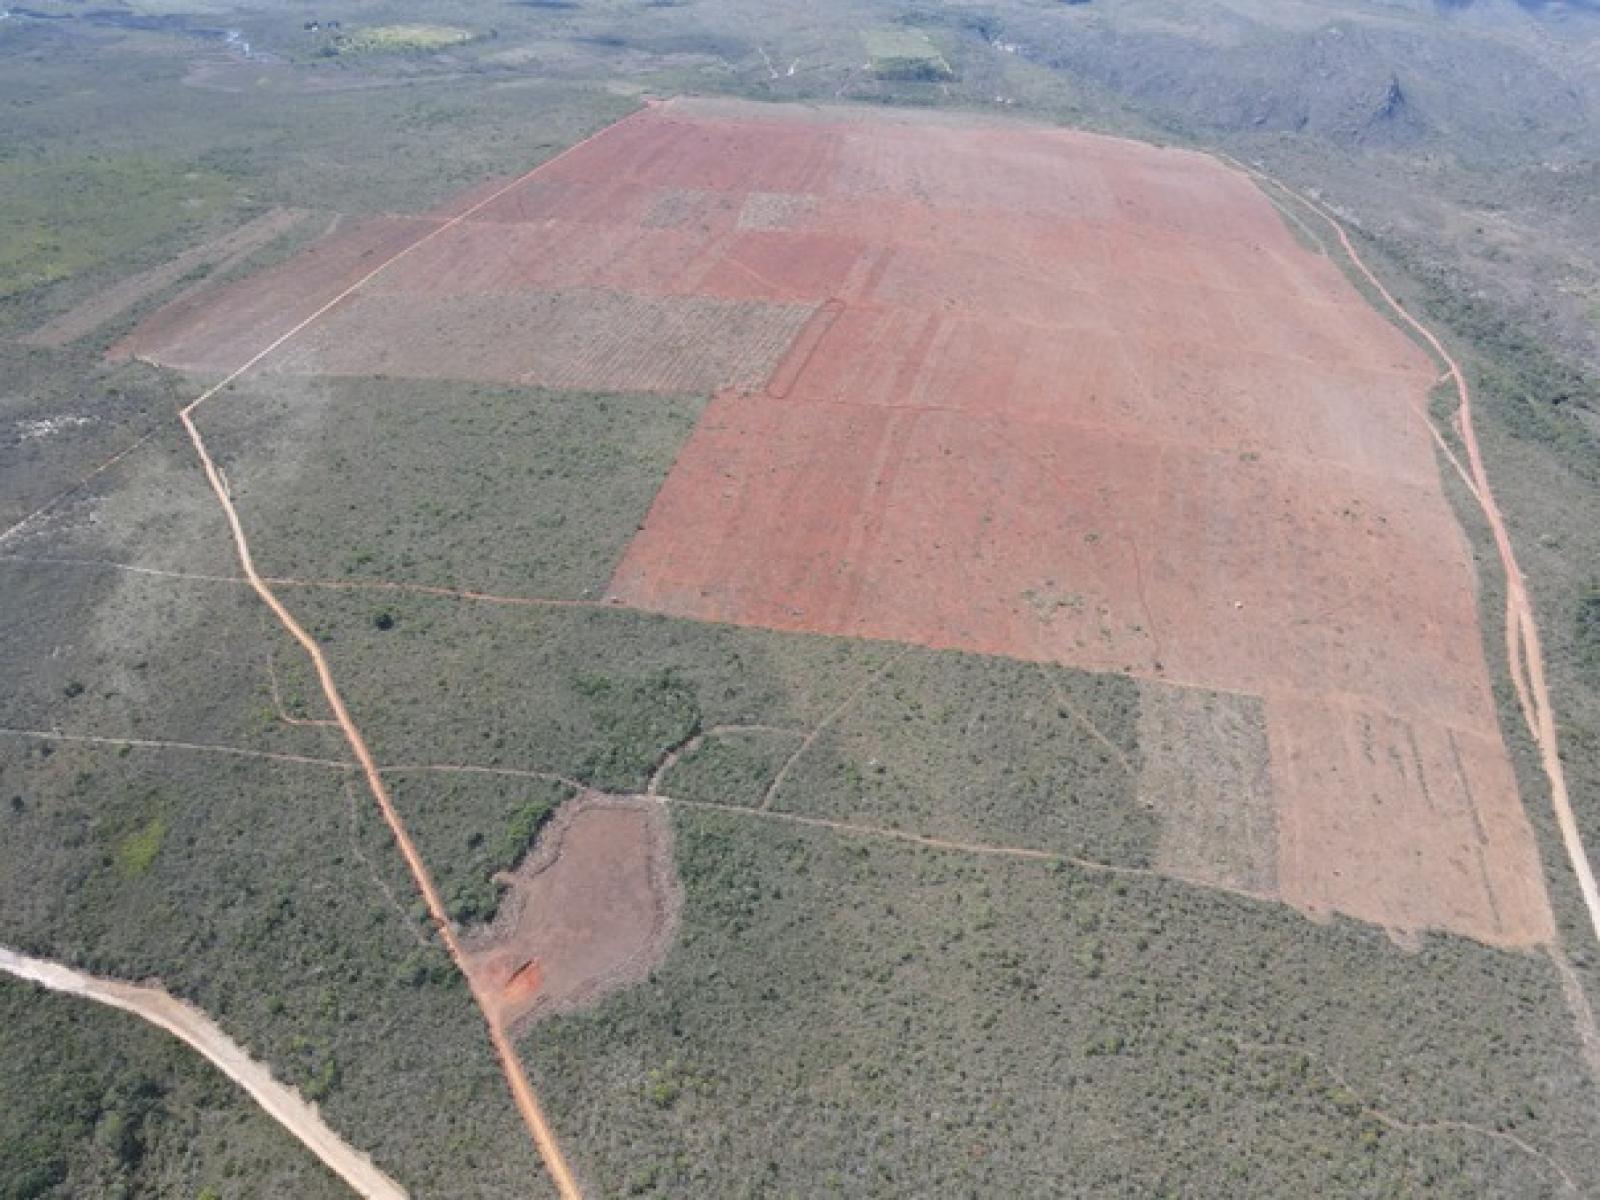 MP ajuíza ação contra desmatamento ilegal em fazenda do agronegócio em Piatã